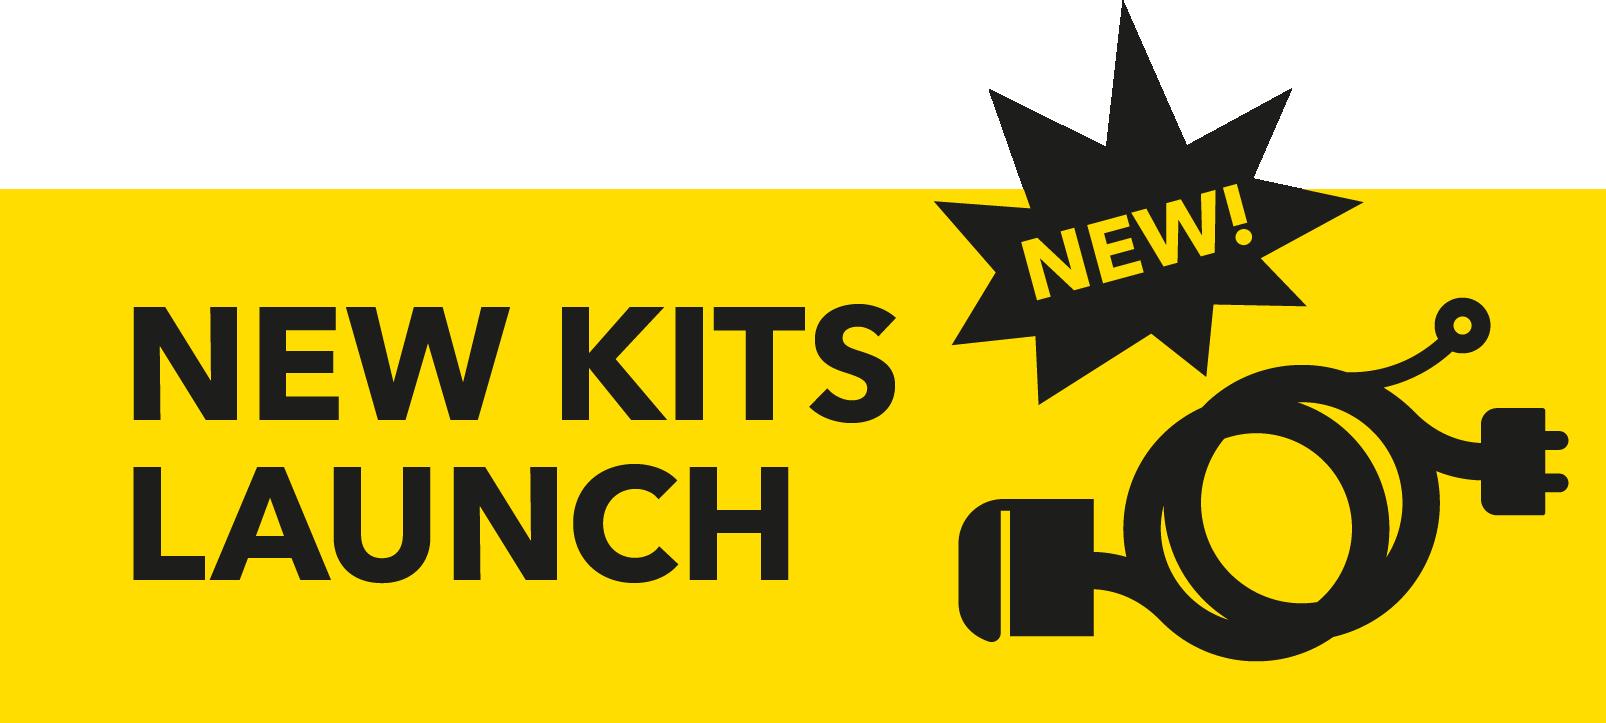 Kits Update!